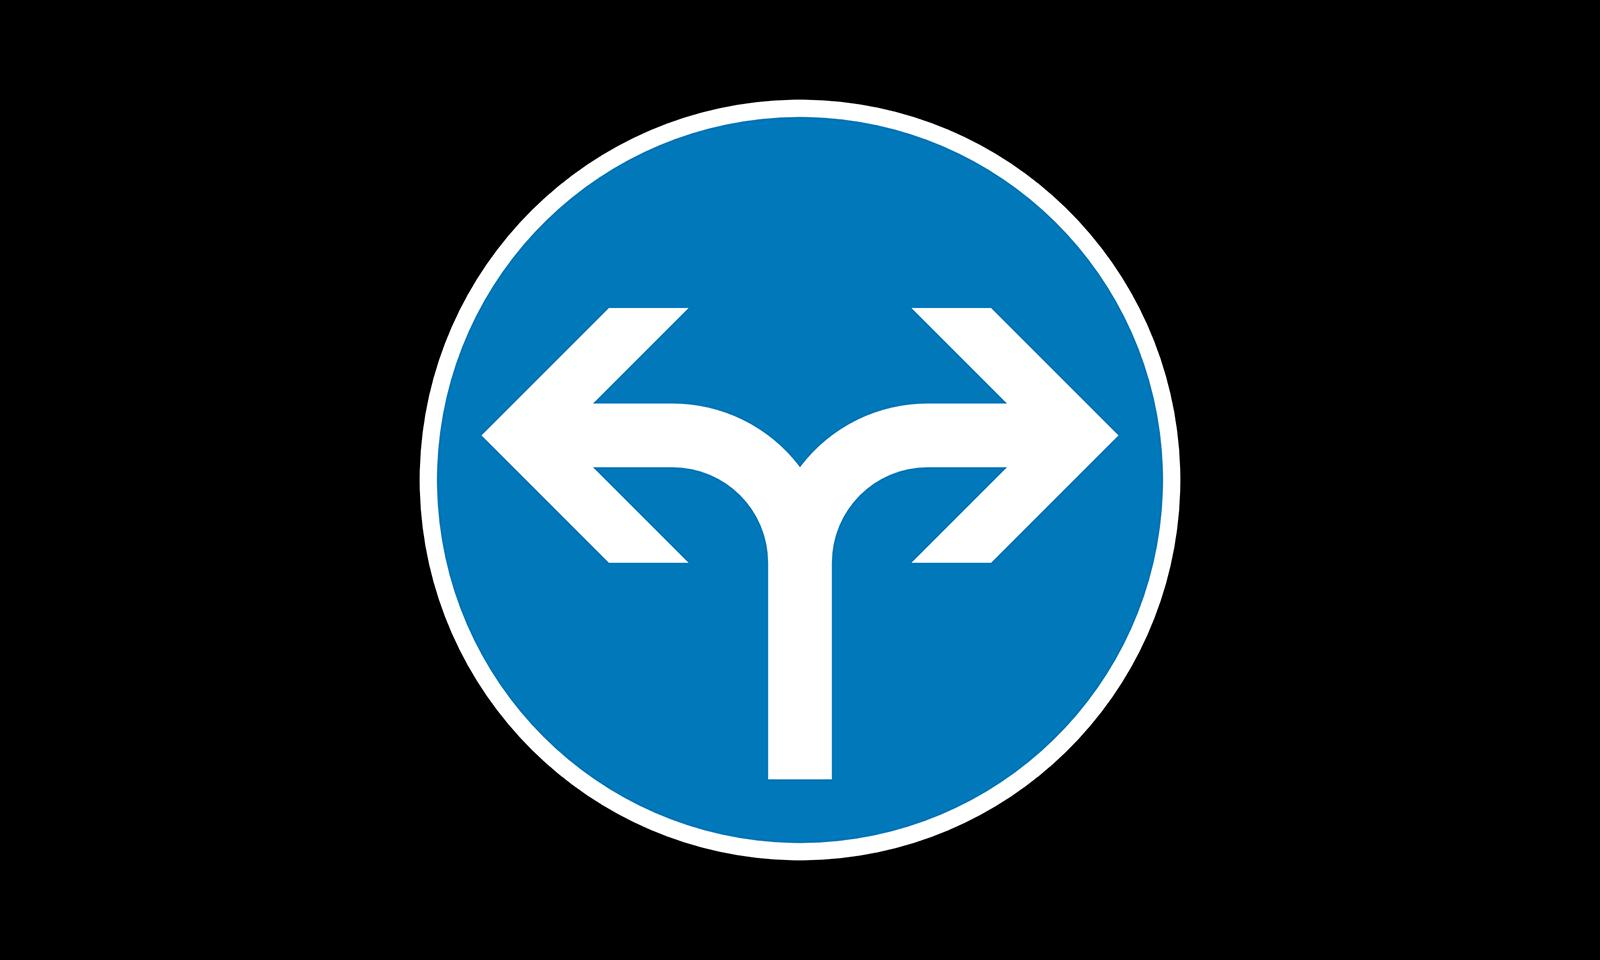 In welche Richtungen dürfen Sie weiterfahren? (Frage-Nr. 1